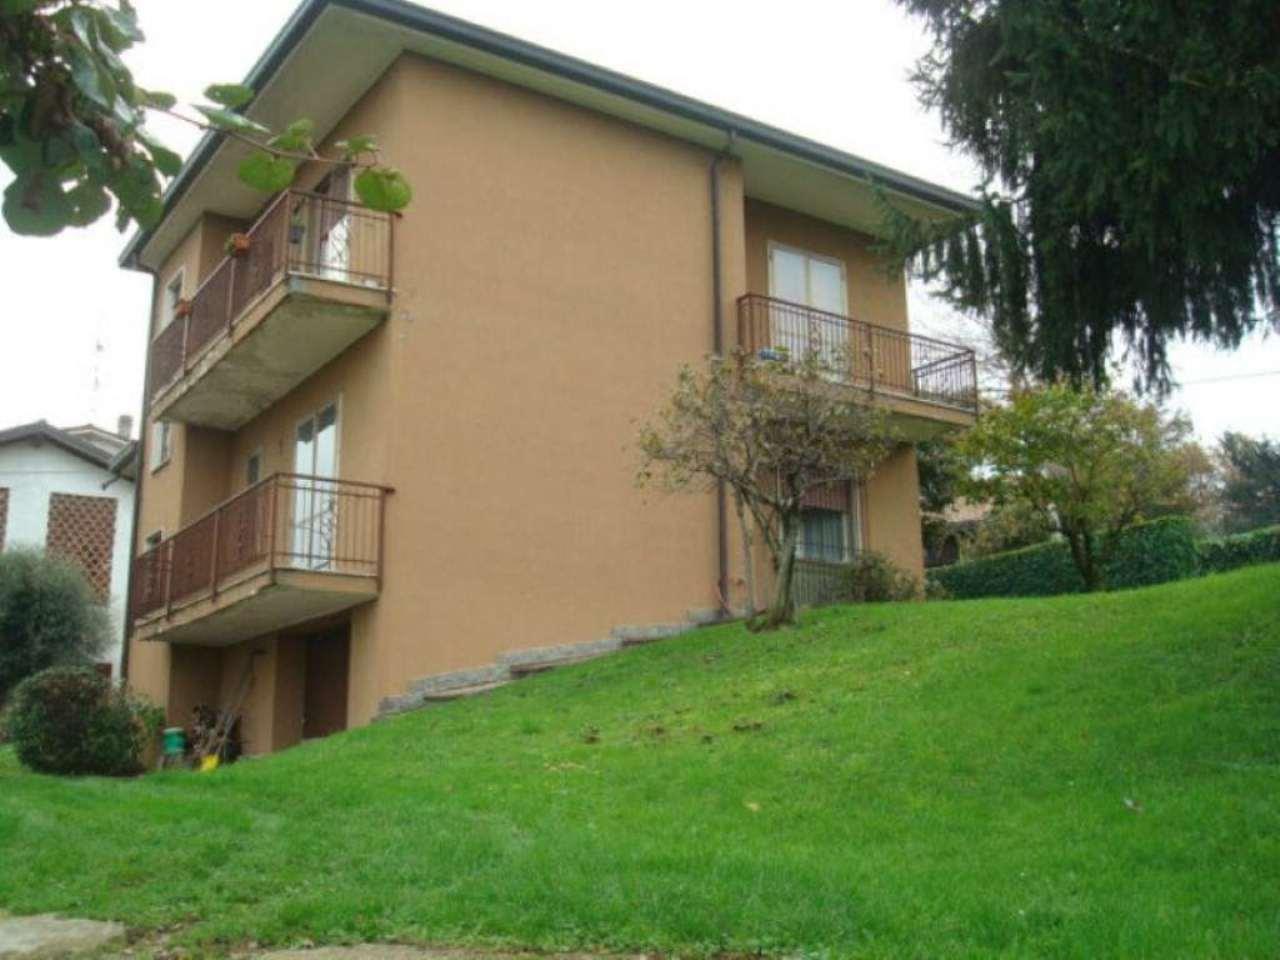 Soluzione Indipendente in vendita a Monticello Brianza, 6 locali, prezzo € 200.000 | Cambio Casa.it